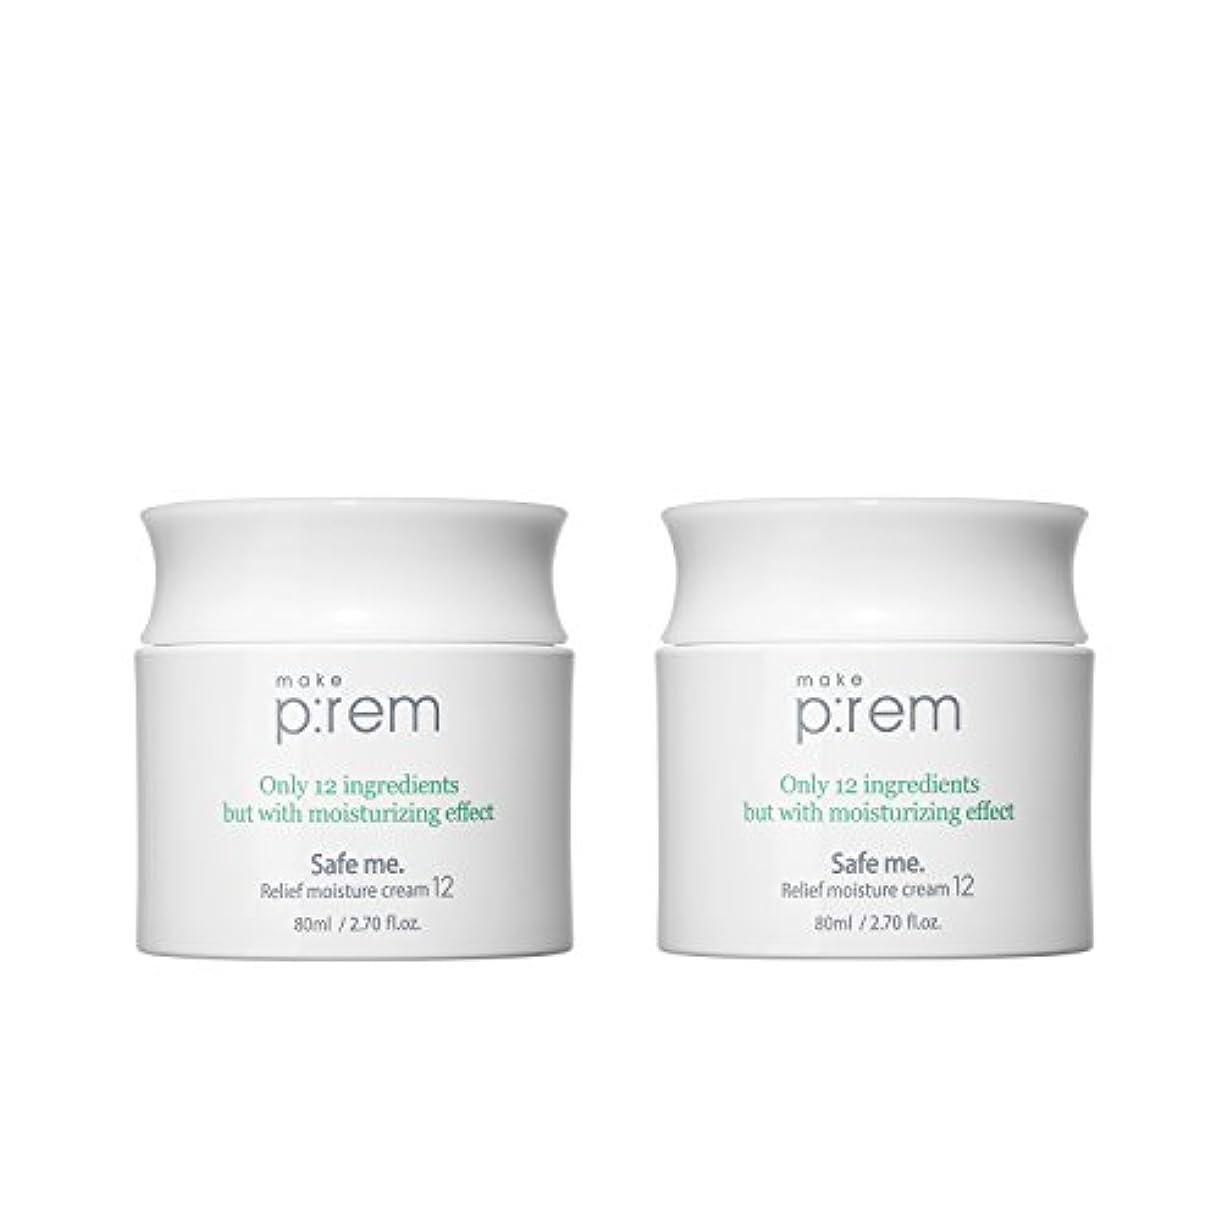 疑わしいテスト喪(2個セット) x [MAKE P:REM] メイクプレム セーフミ?リリーフモイスチャークリーム12 80ml / Safe me. Relief moisture Cream 12 80ml / / 韓国製 . 海外直送品